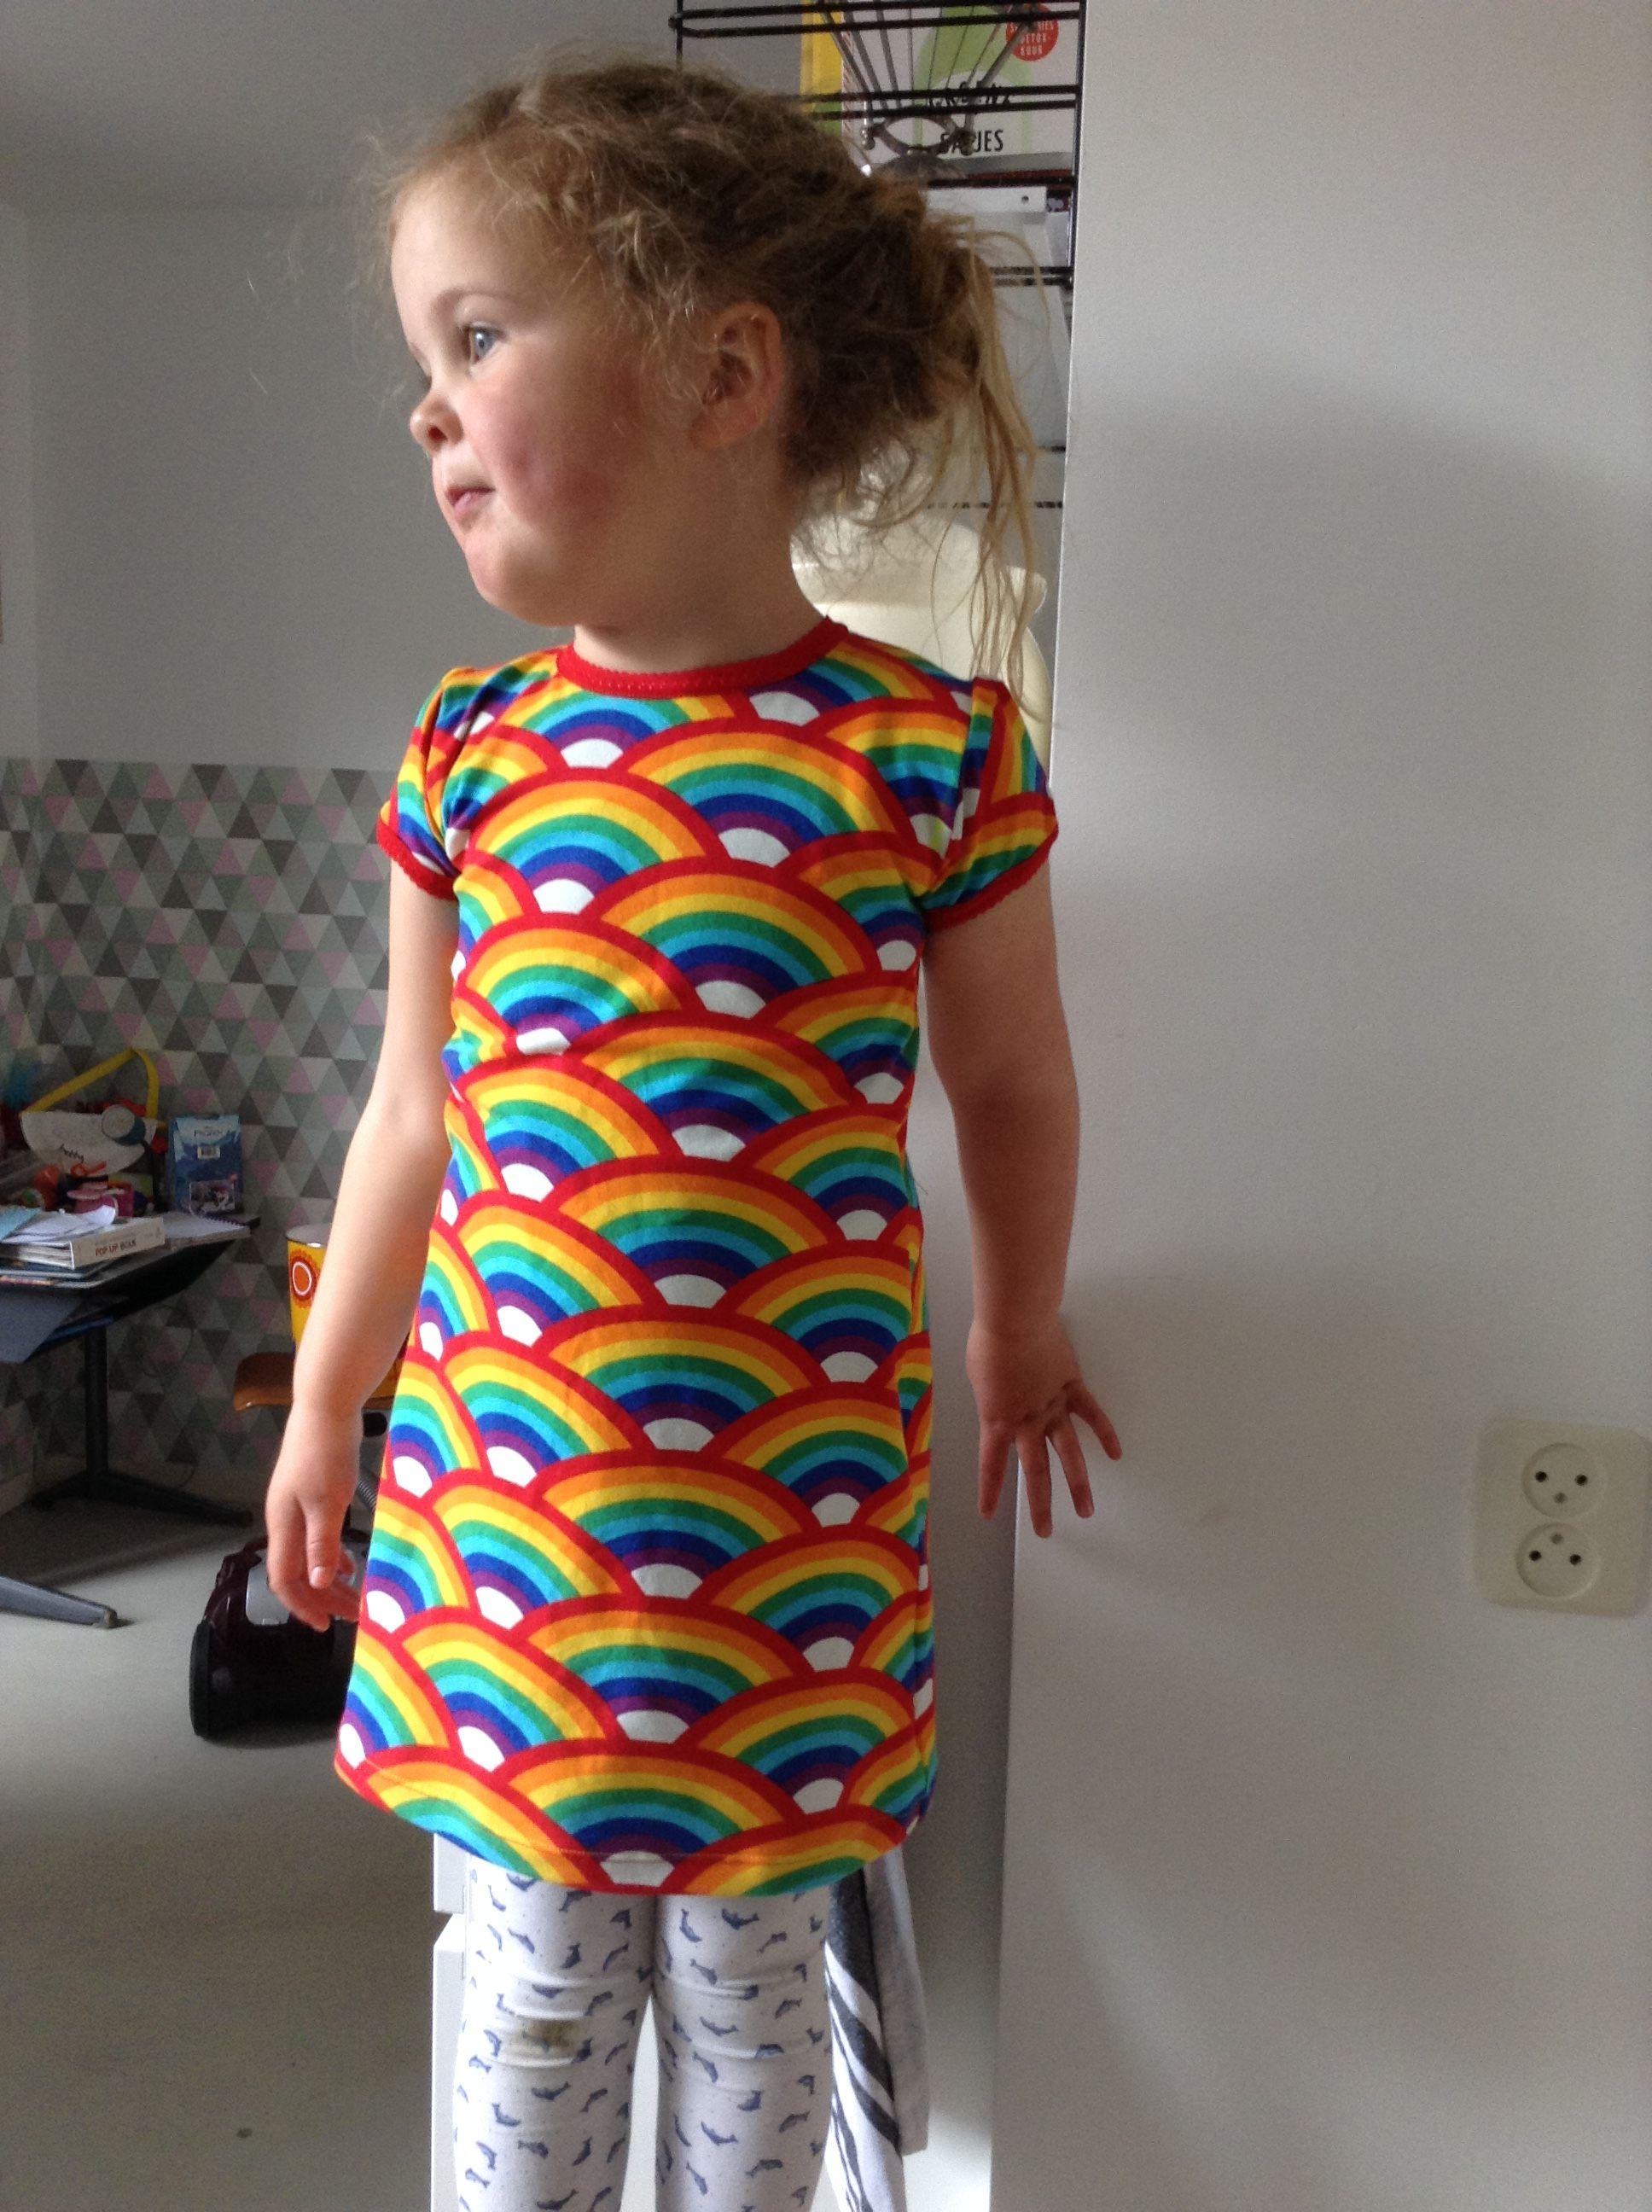 Prachtige regenboogstof van Znok. T-shirt overgetrokken en langer gemaakt.  Mijn dochter zingt de hele dag K3